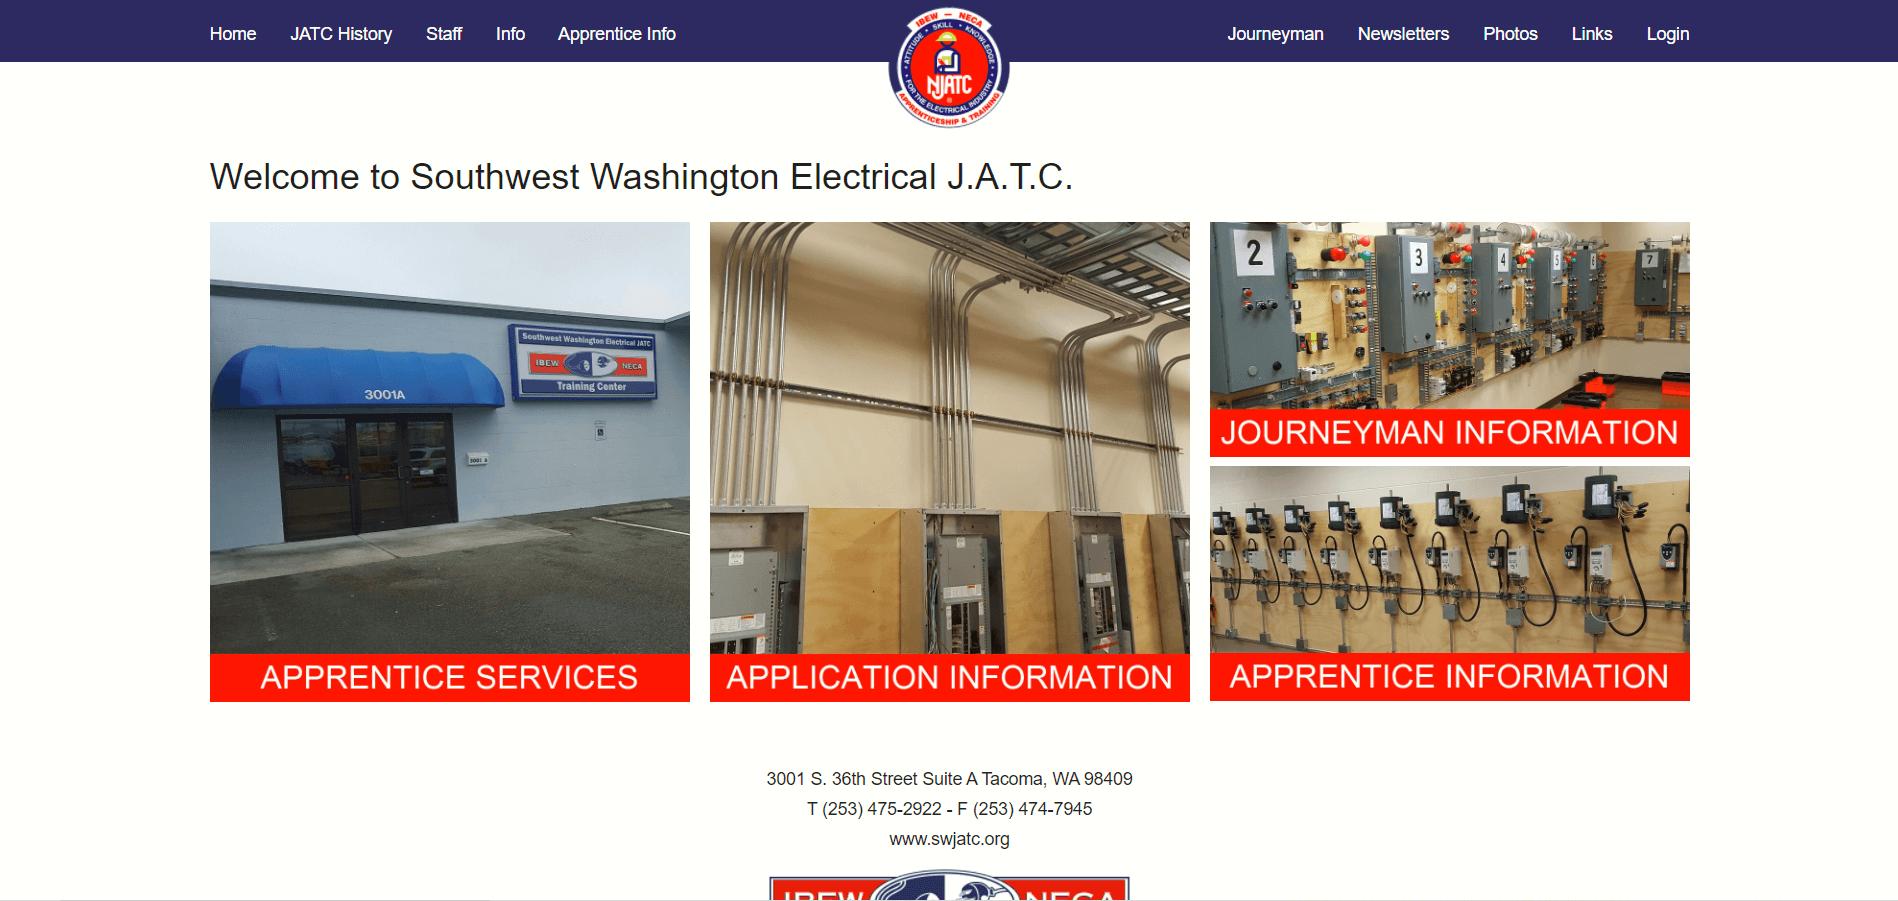 sw washington electrical jatc